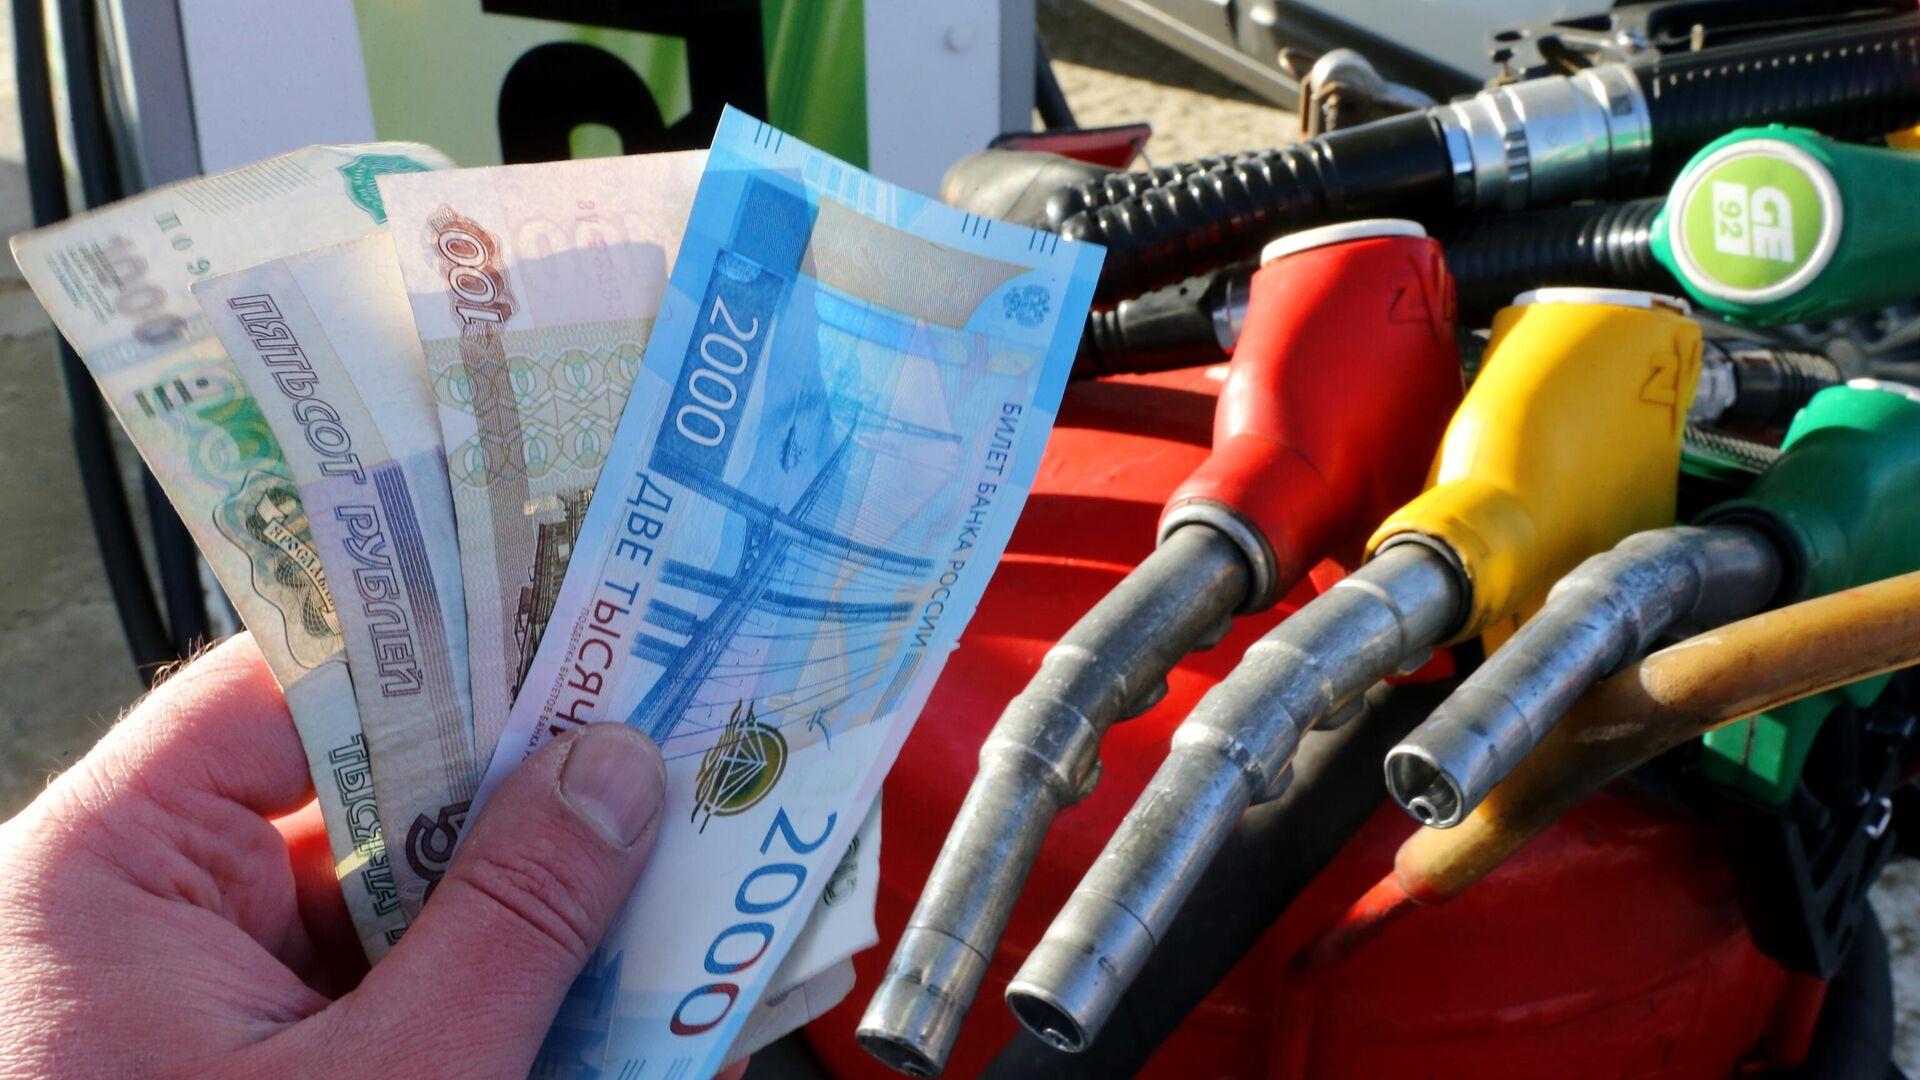 Деньги на оплату топлива в руке мужчины на АЗС сети ННК в Хабаровске - РИА Новости, 1920, 12.03.2021